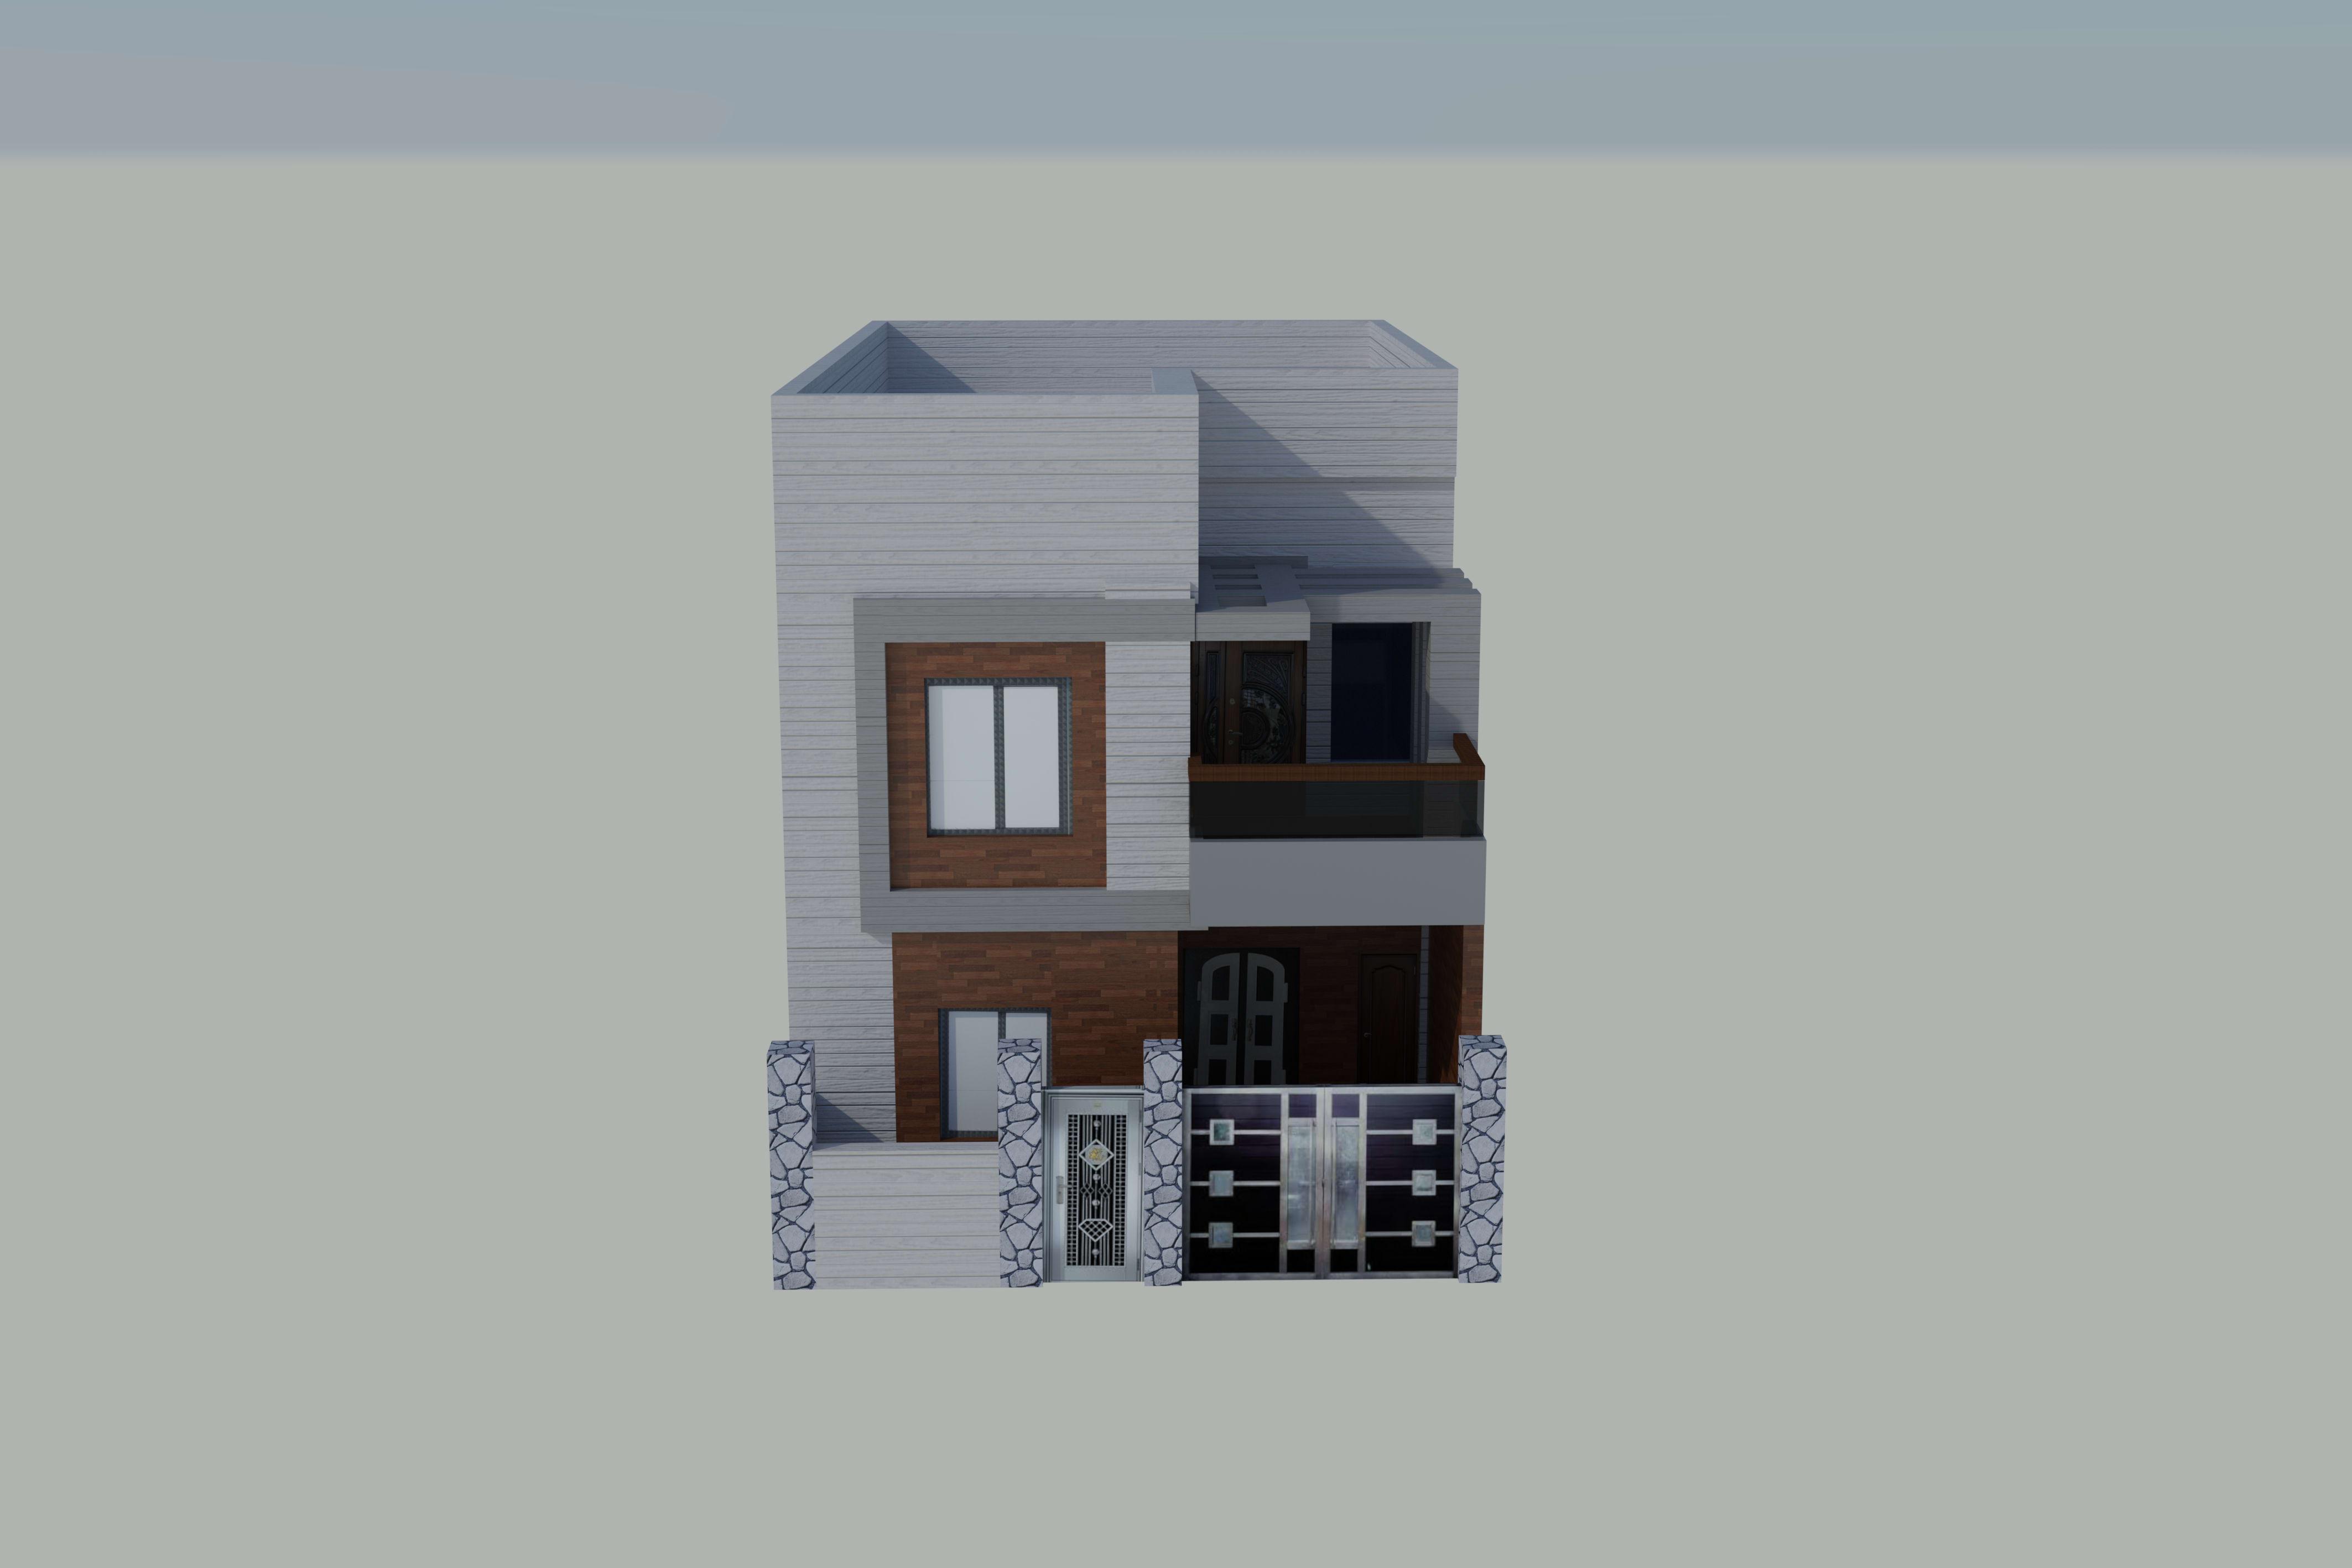 Portfolio for AutoCAD 2D/3D house design